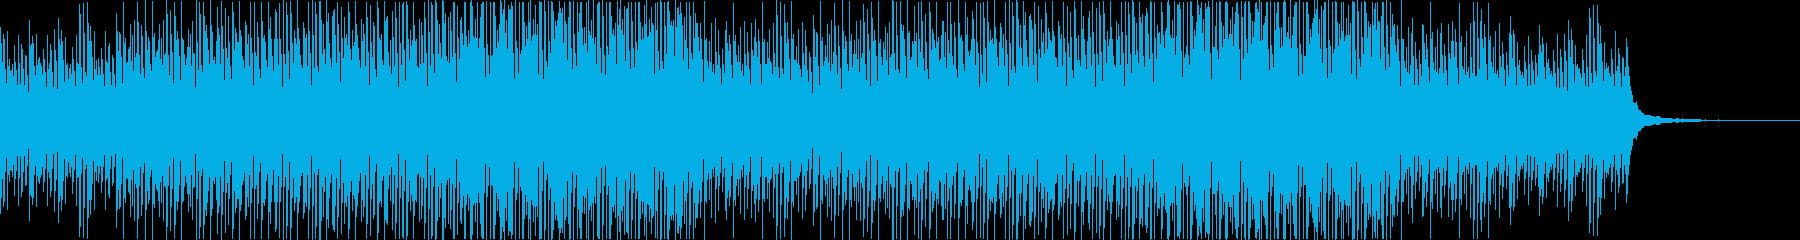 映像用かわいい優しいピアノとリズムの再生済みの波形